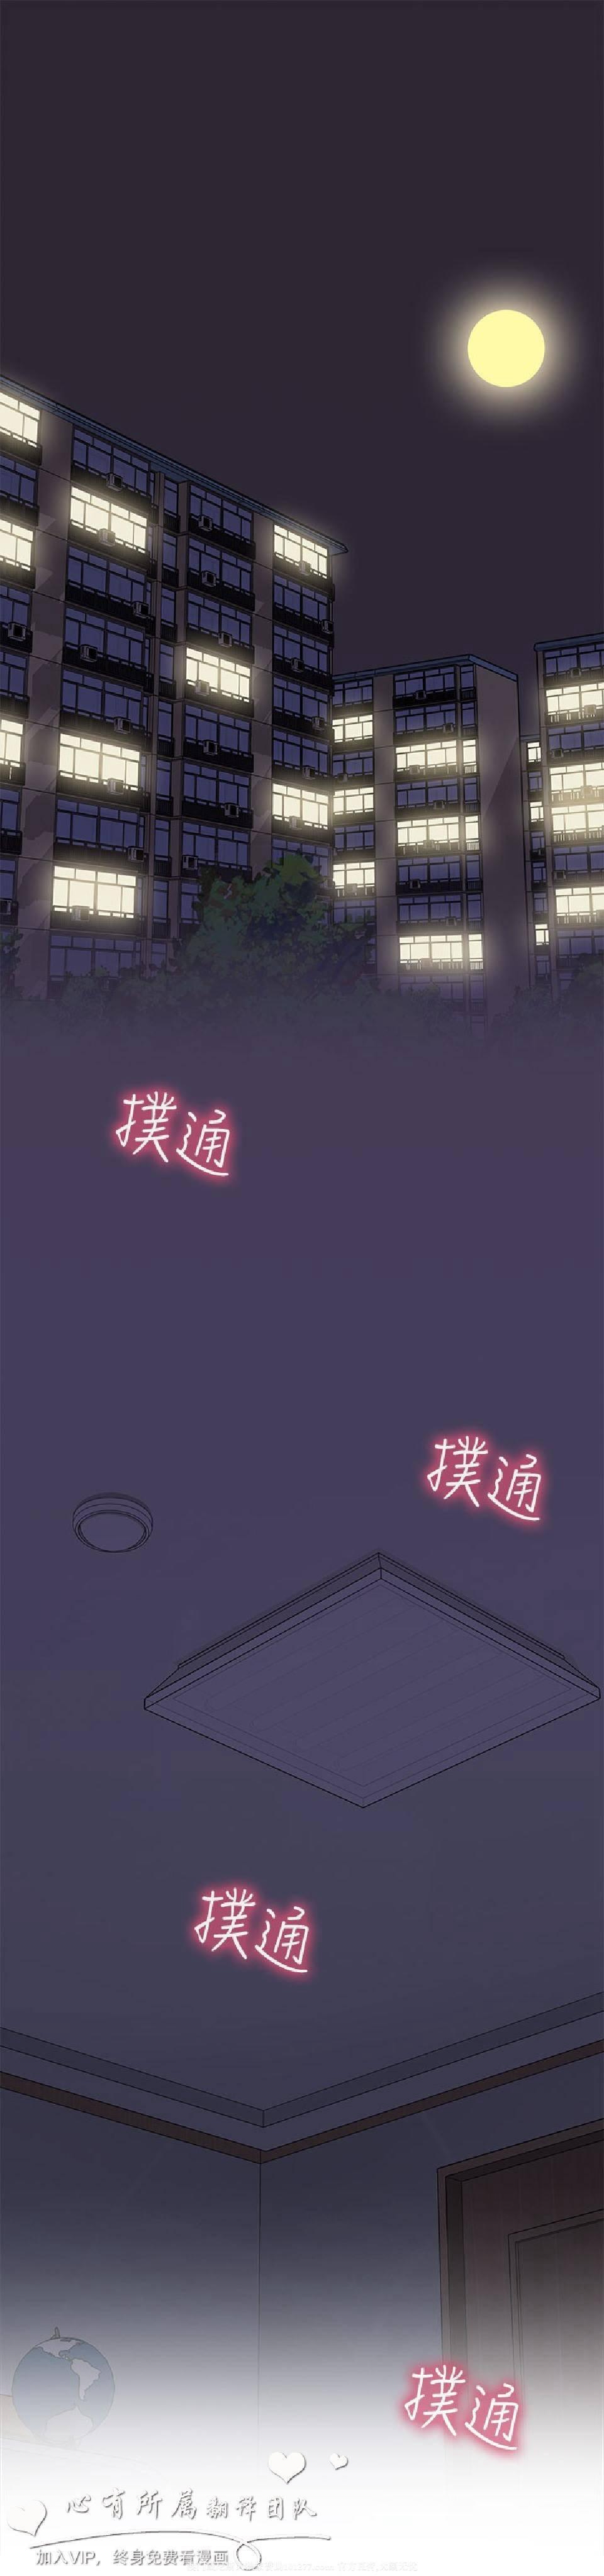 韩国美女主播_[韓漫] H校園 19-20 [99p]